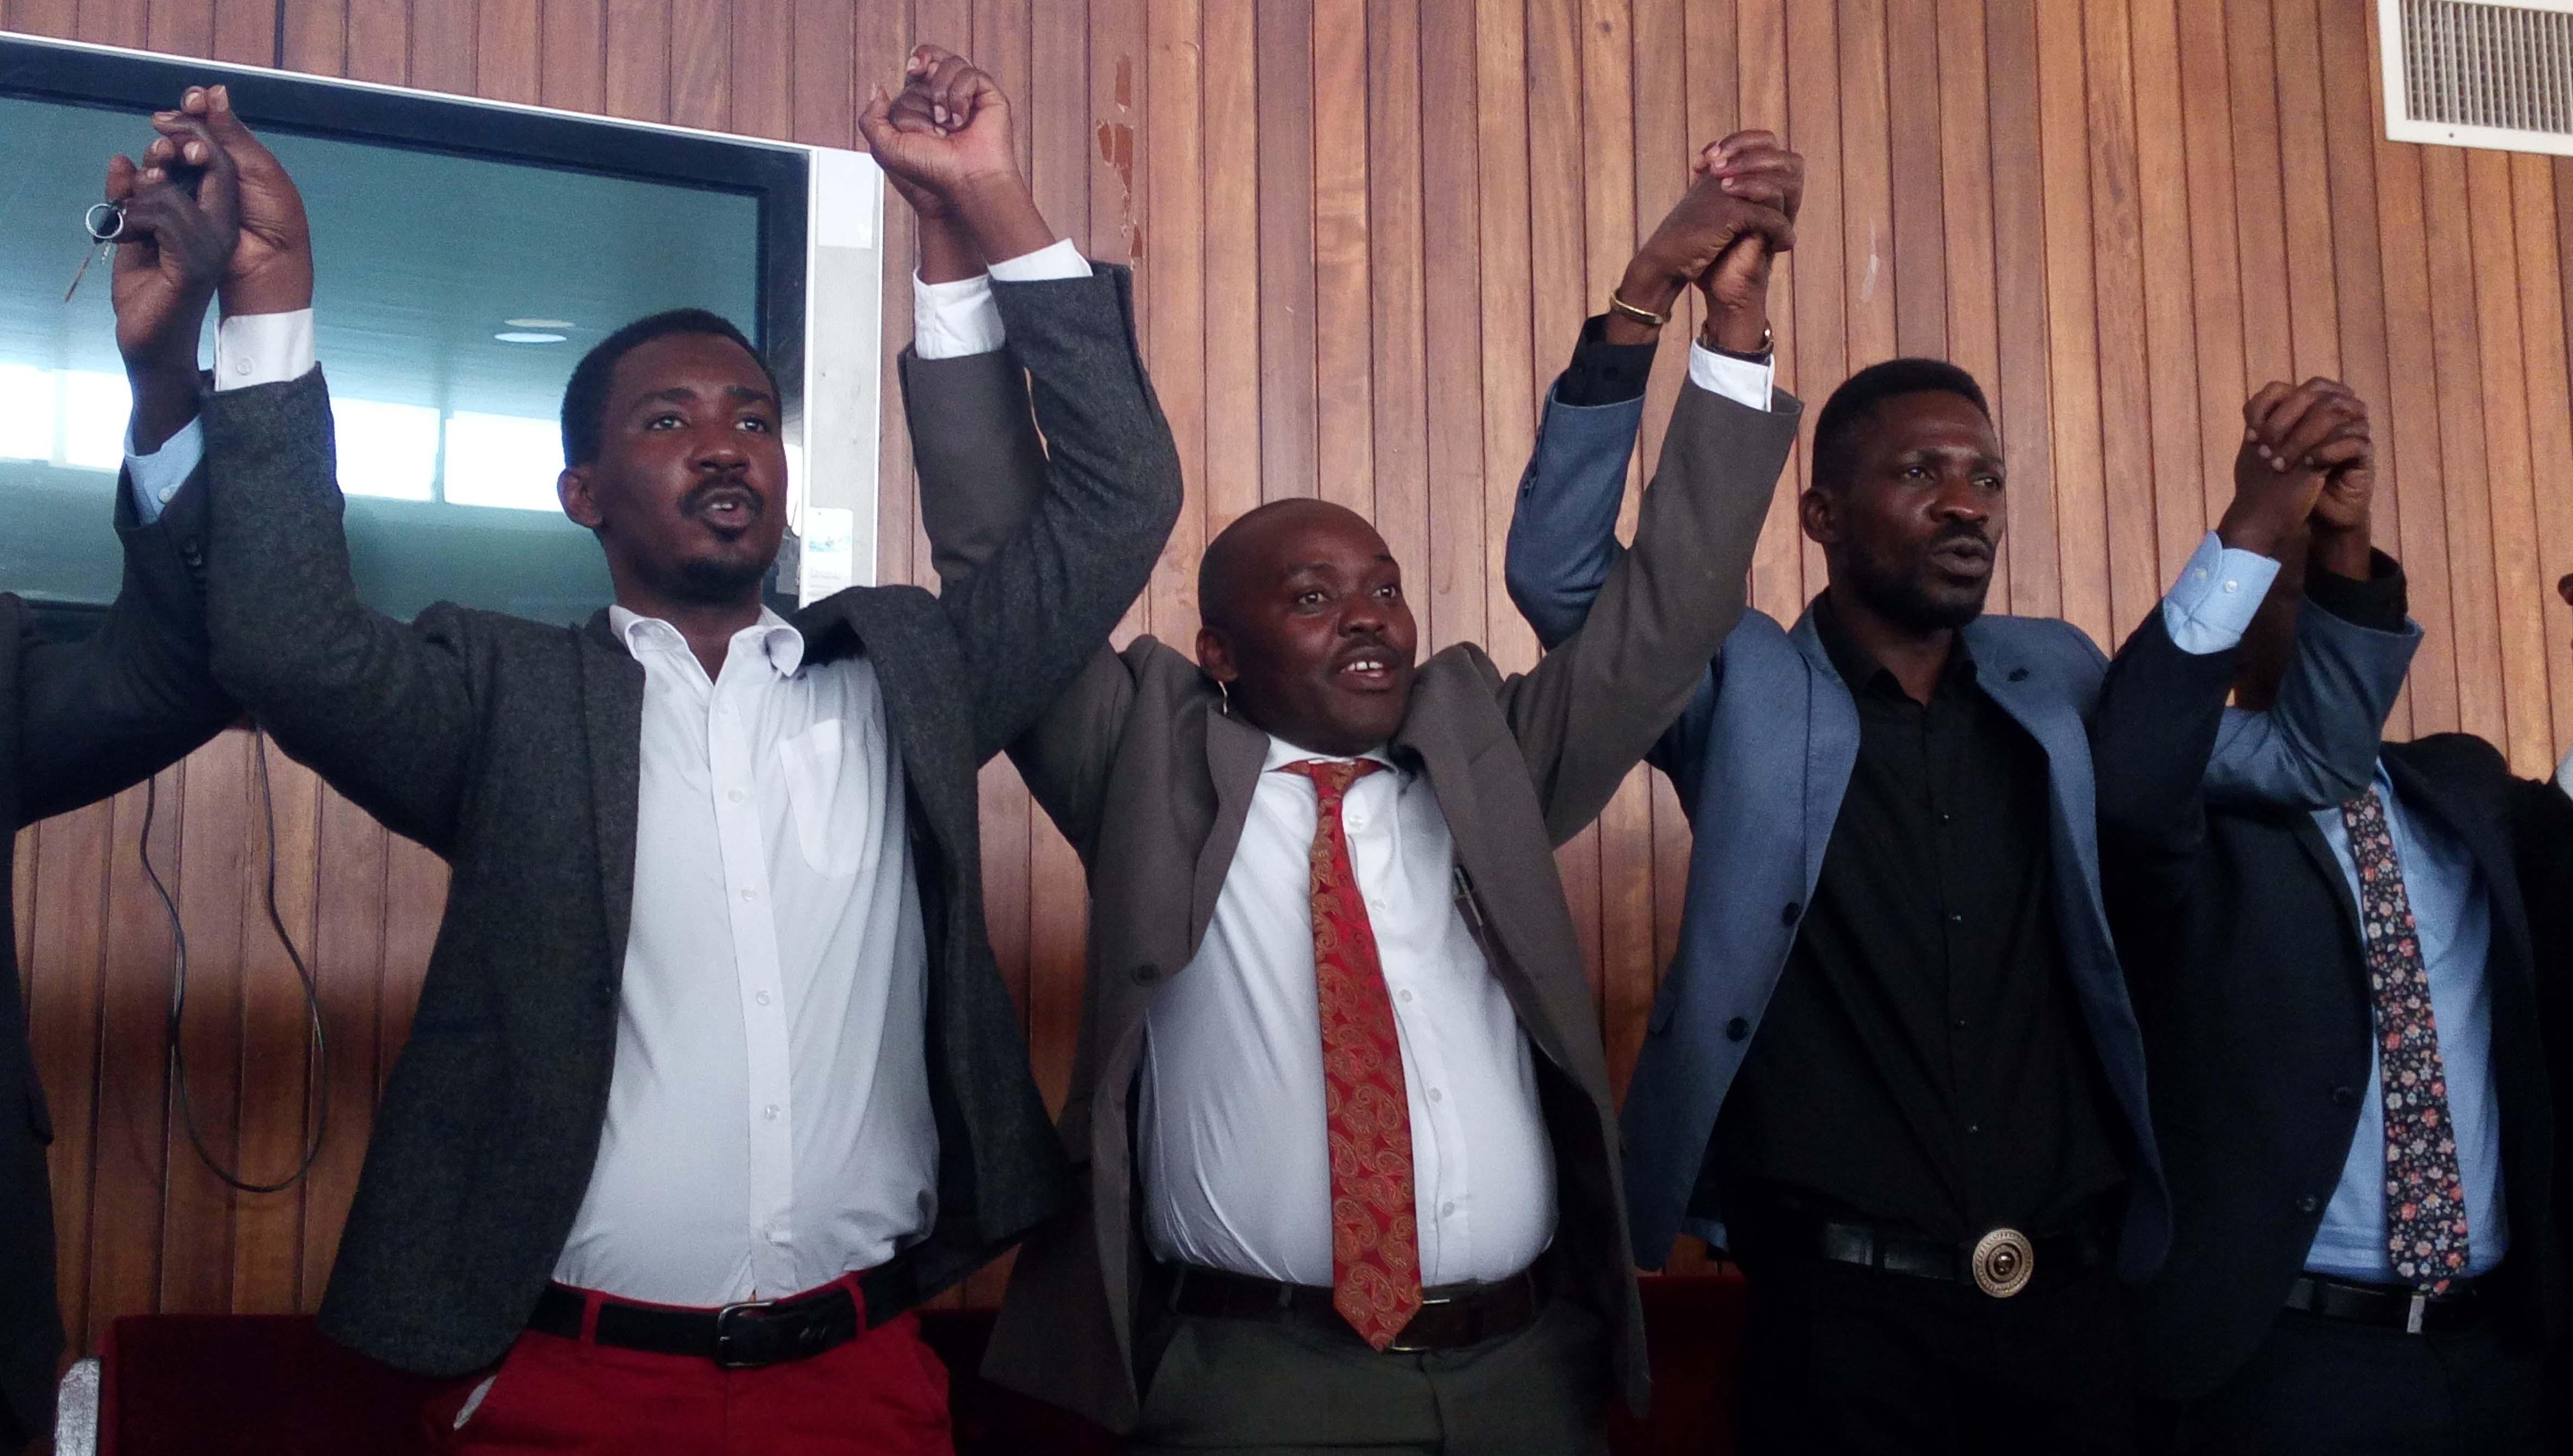 L-R: Allan Sewanyana - Makindye west MP, Medard Segona - Busiro East MP, Robert Kyagulanyi - Kyadondo East MP